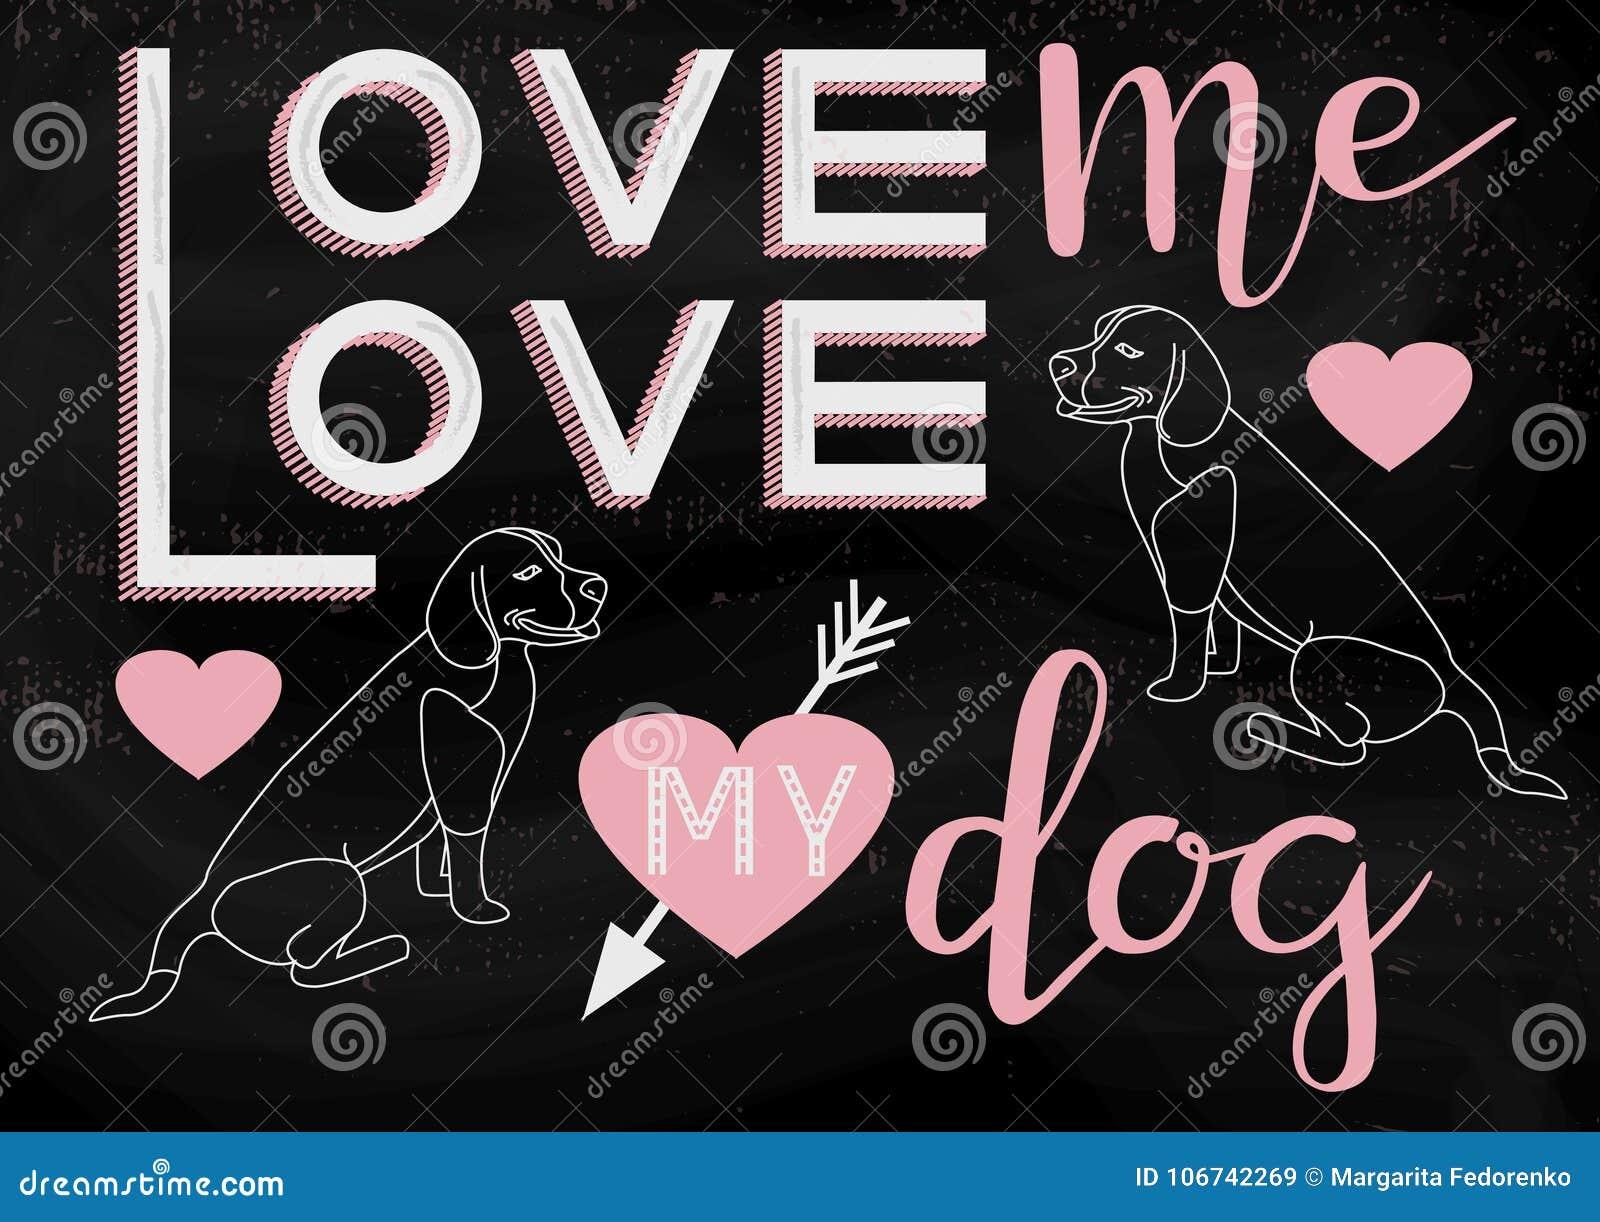 Ame-me amor meu cão